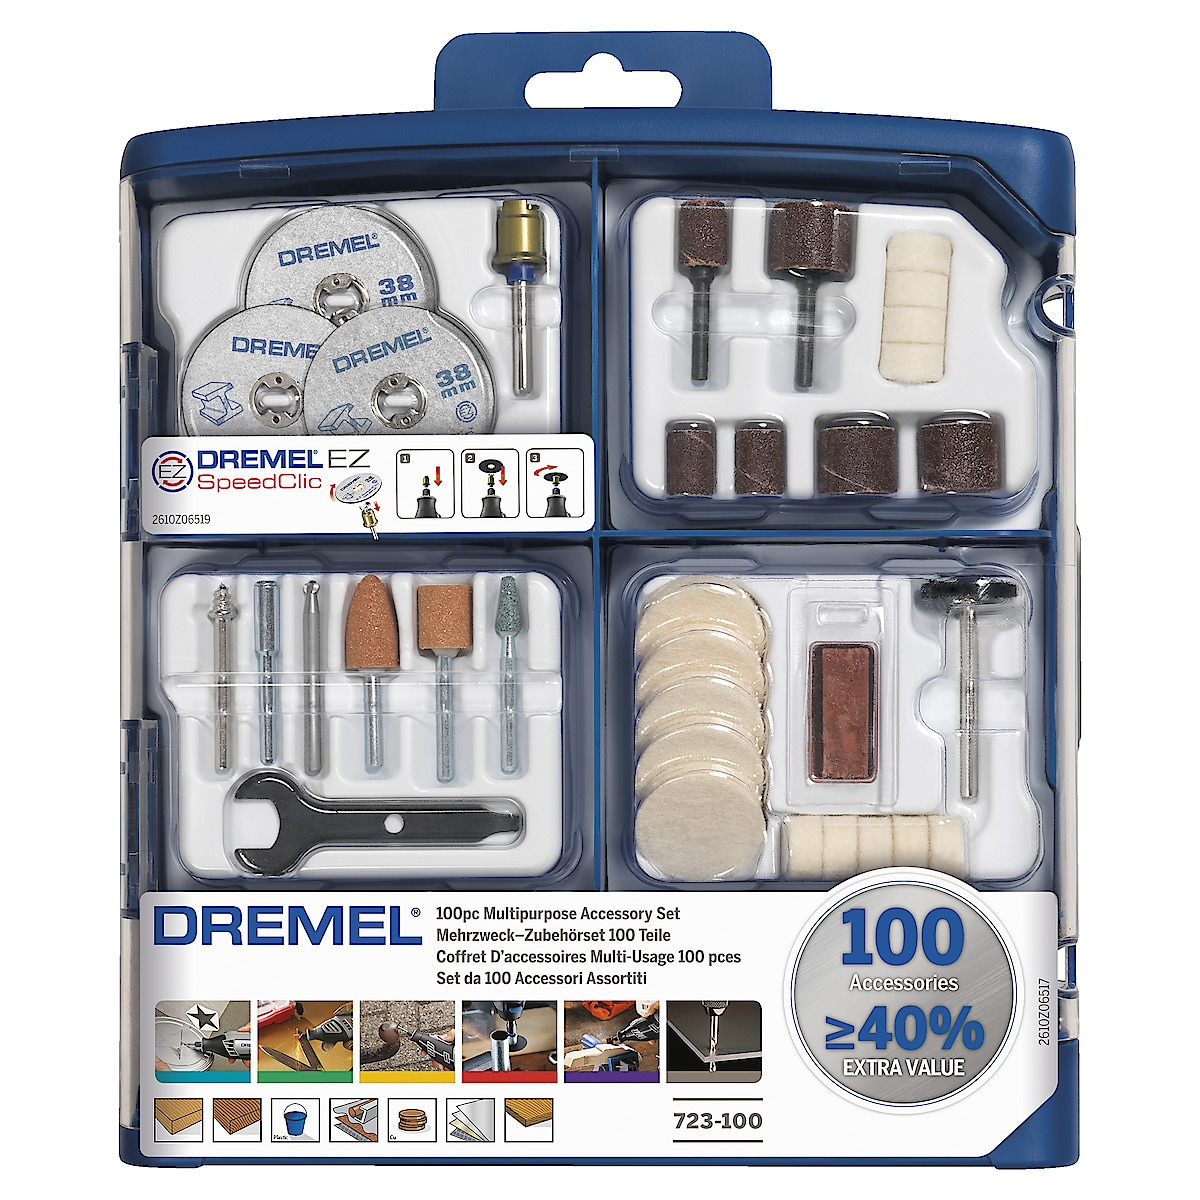 Dremel Accessory Set